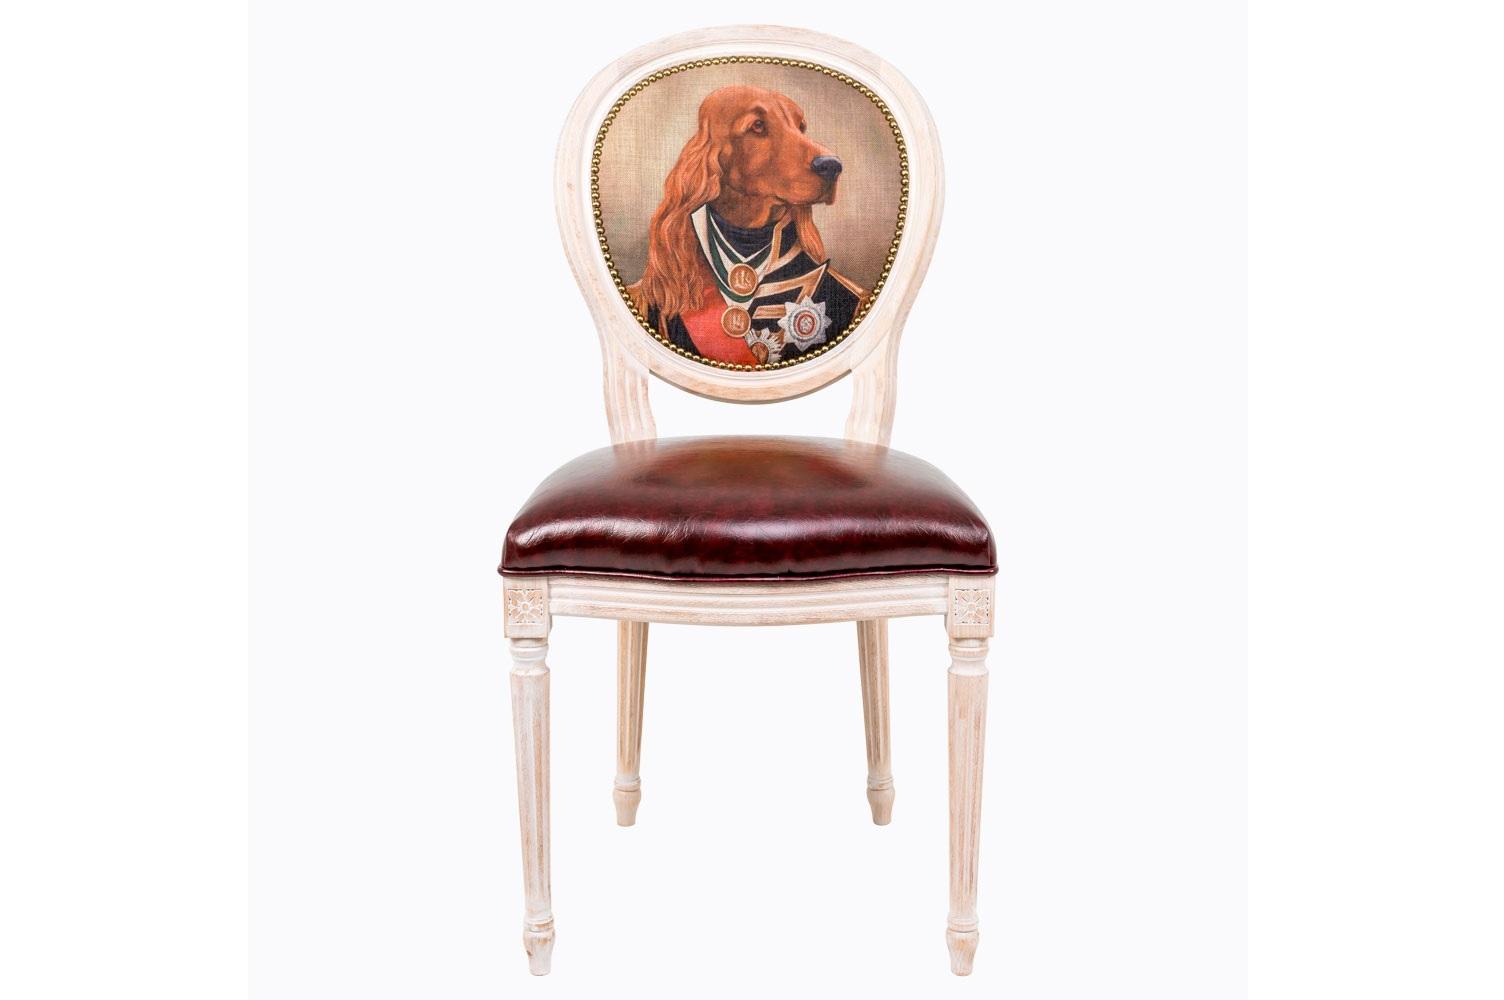 Стул Музейный экспонат, версия 7Обеденные стулья<br>Прототипом анималистической фантазии дизайна стула «Музейный экспонат»  стала картина кисти Уильяма Бичи, - известного английского художника начала XIX века, написавшего самый известный из портретов лорда Горацио Нельсона, - вице-адмирала, командующего британским флотом.&amp;amp;nbsp;Стулья серии &amp;quot;Музейный экспонат&amp;quot; имитируют дворцовую эпоху Луи-Филиппа, предпочитающую благородные лаконичные формы, раскрашенные золотистыми анкерами и филигранной резьбой. Натуральное дерево и ручная работа одухотворяют предметы мебели, вносят эмоции тепла и персональной заботы. Стулья изготовлены из ядра натурального бука. Корпусы стульев серии &amp;quot;Музейный экспонат&amp;quot; выточены, брашированы и патинированы в Италии. Благородная фактура натурального дерева подчеркнута рукописной патиной. Обивка спинки оснащена тефлоновым покрытием против пятен.&amp;lt;div&amp;gt;&amp;lt;br&amp;gt;&amp;lt;/div&amp;gt;&amp;lt;div&amp;gt;Материал сидения - экокожа.&amp;lt;/div&amp;gt;<br><br>Material: Дерево<br>Ширина см: 50<br>Высота см: 98<br>Глубина см: 47